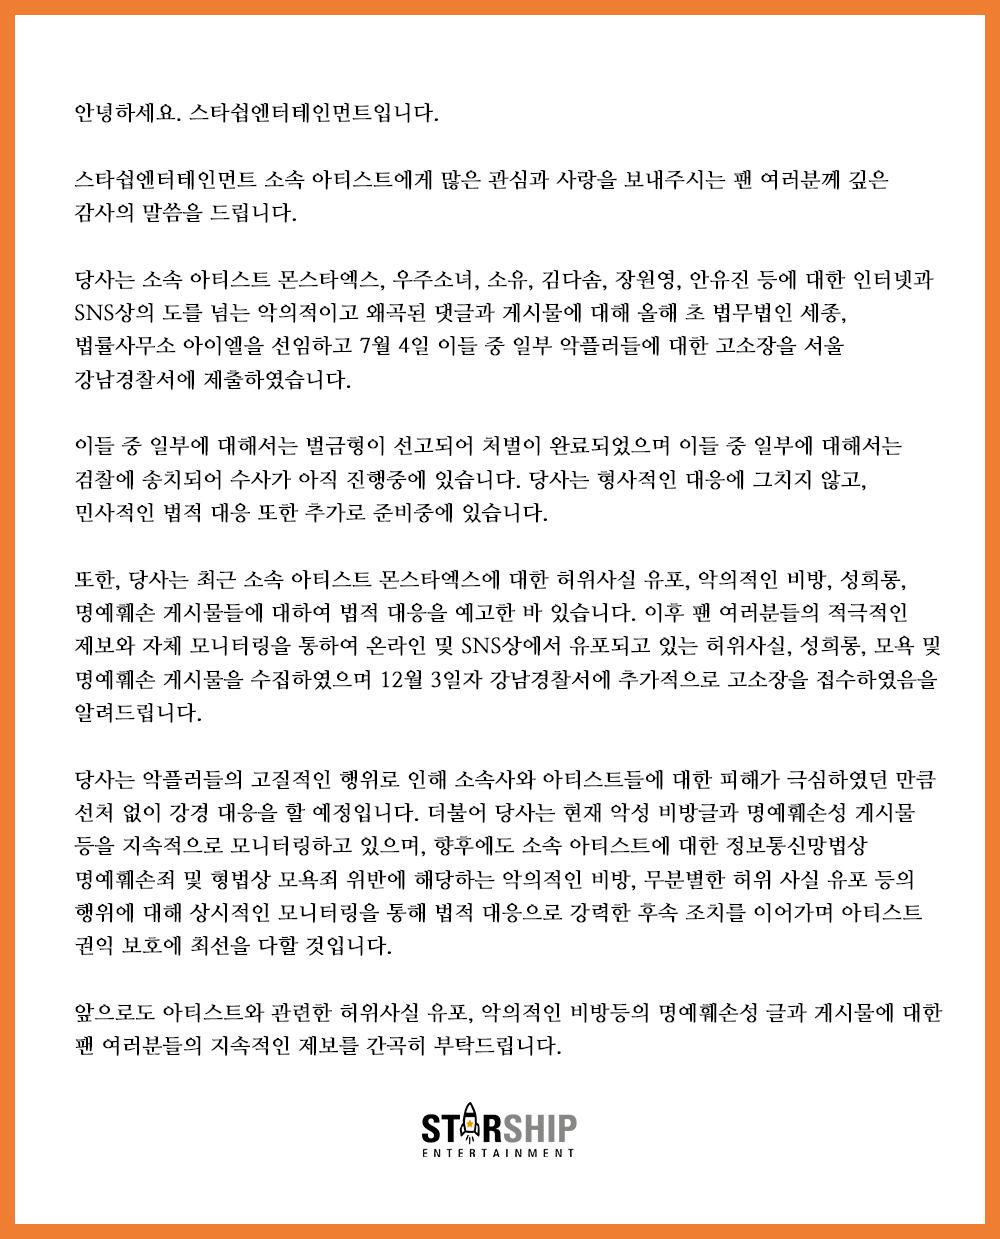 """스타쉽 측, """"몬스타엑스→우주소녀, 악플러 벌금형 선고… 추가 고소장 접수"""" [전문]"""